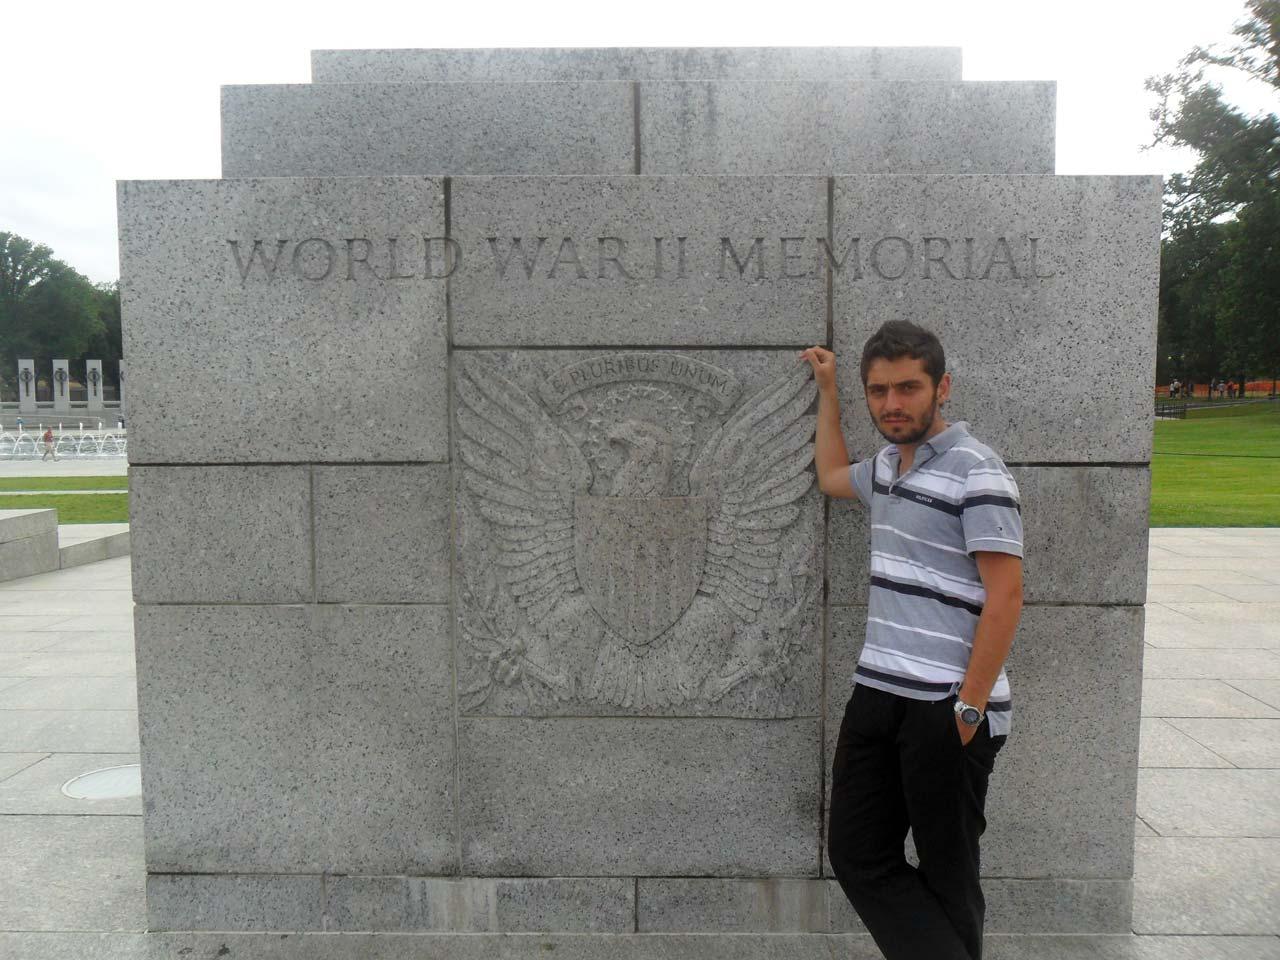 2. Dünya Savaşı Anısına